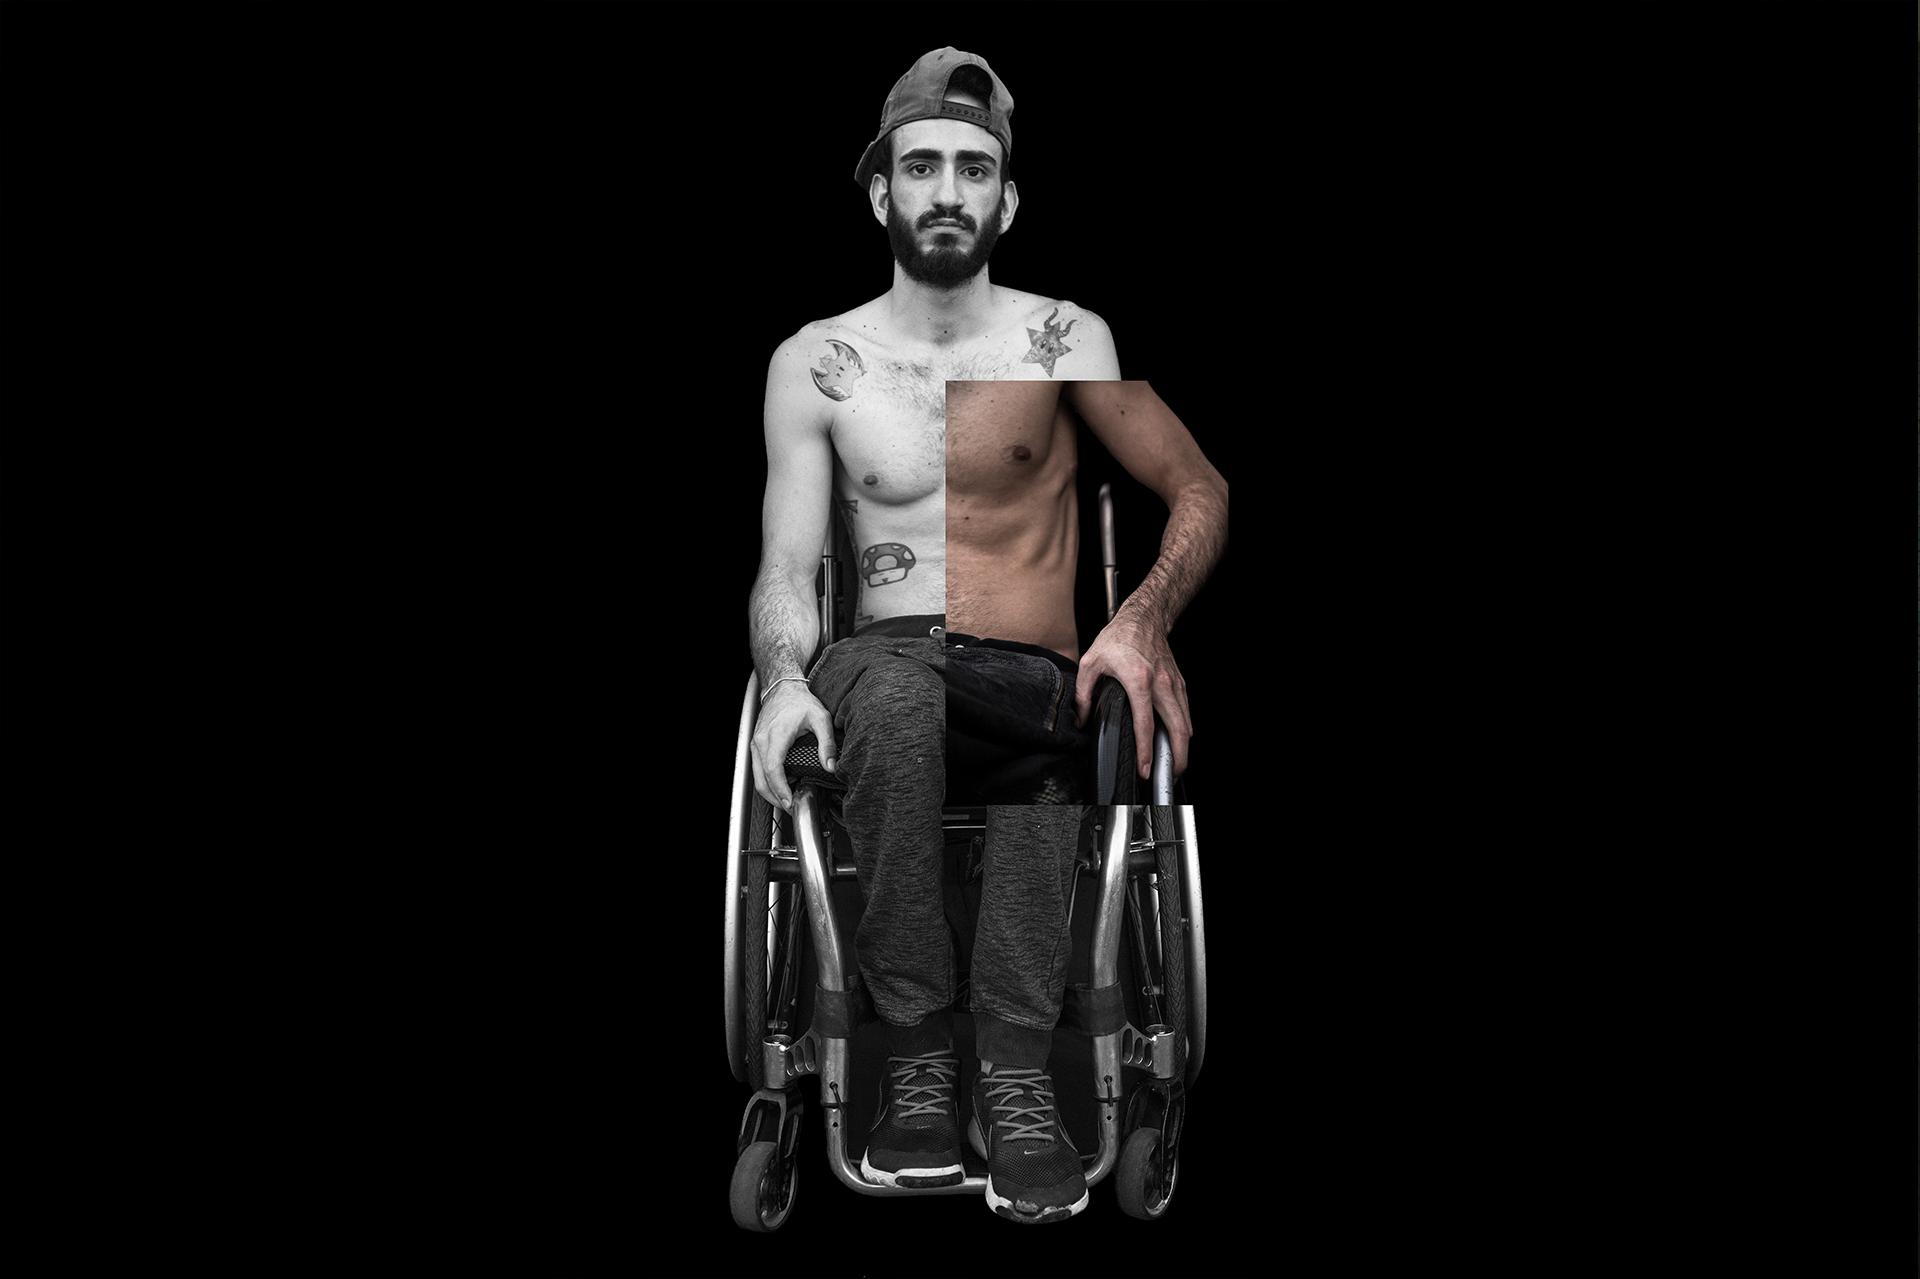 La herida no solo fracturó su columna. También le generó depresiones que hasta lo llevaron a dos intentos de suicidios. Confesó Luis Miguel.